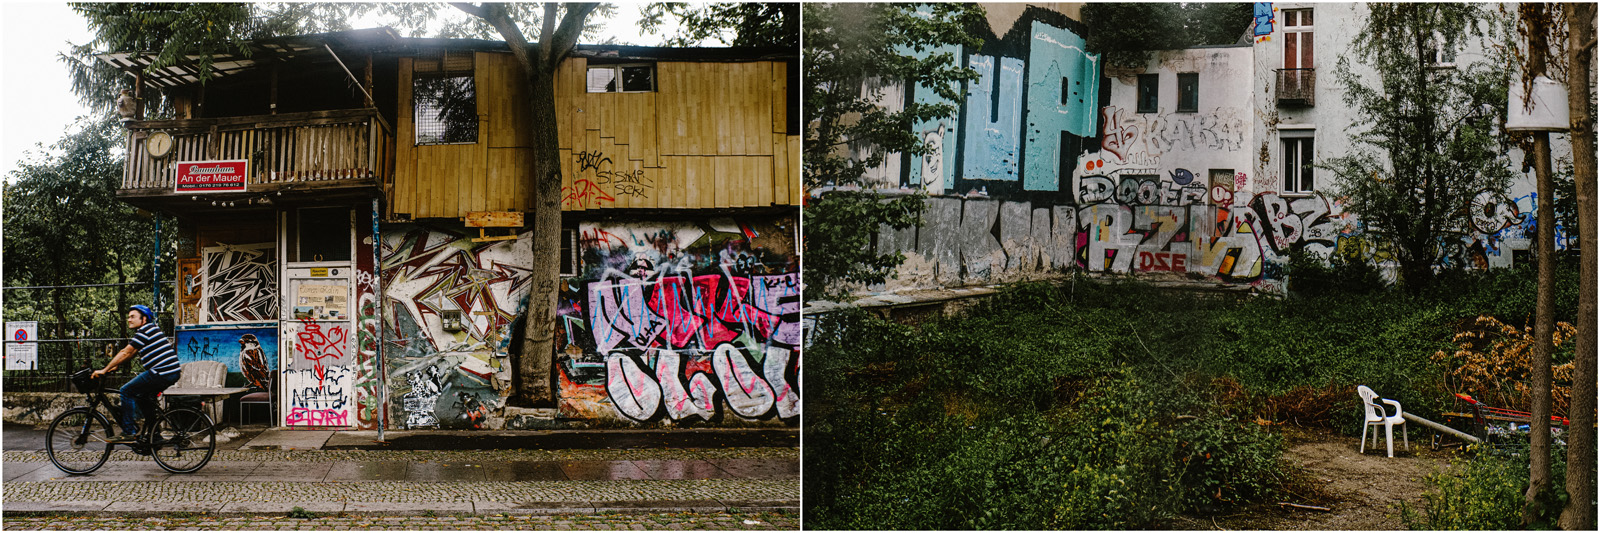 Miasto rowerów. Berlin. 49